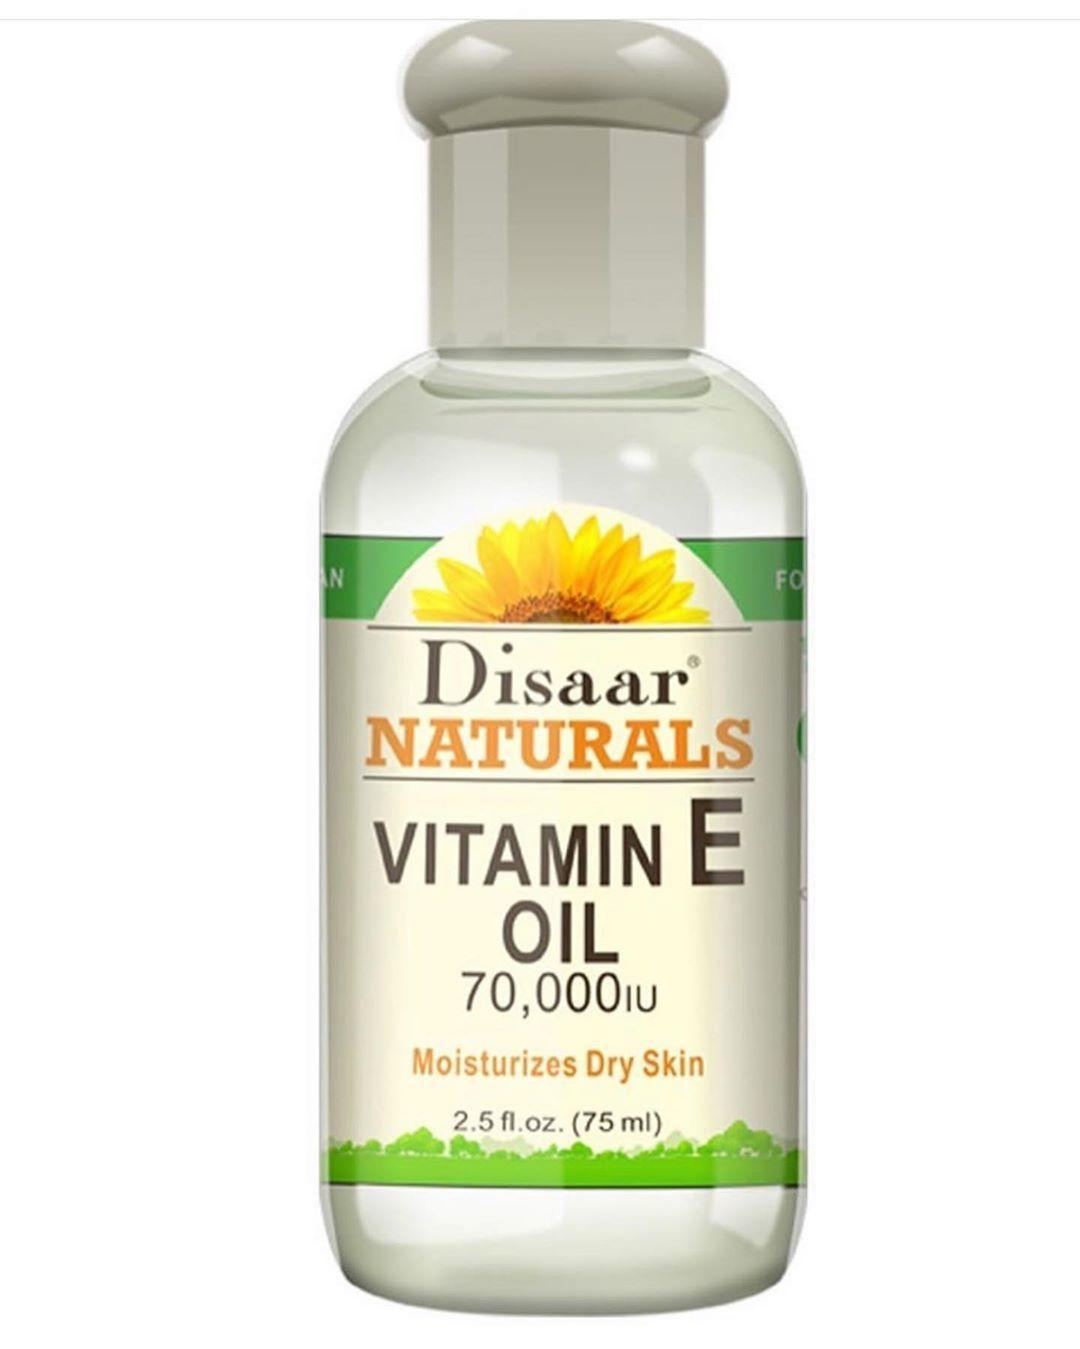 زيت فيتامين E لعلاج جفاف الجلد والتصبغات ومن اهم فوائده للبشره علاج التصبغات علاج ندبات حب الشباب علاج Moisturizer For Dry Skin Natural Vitamin E Vitamin E Oil